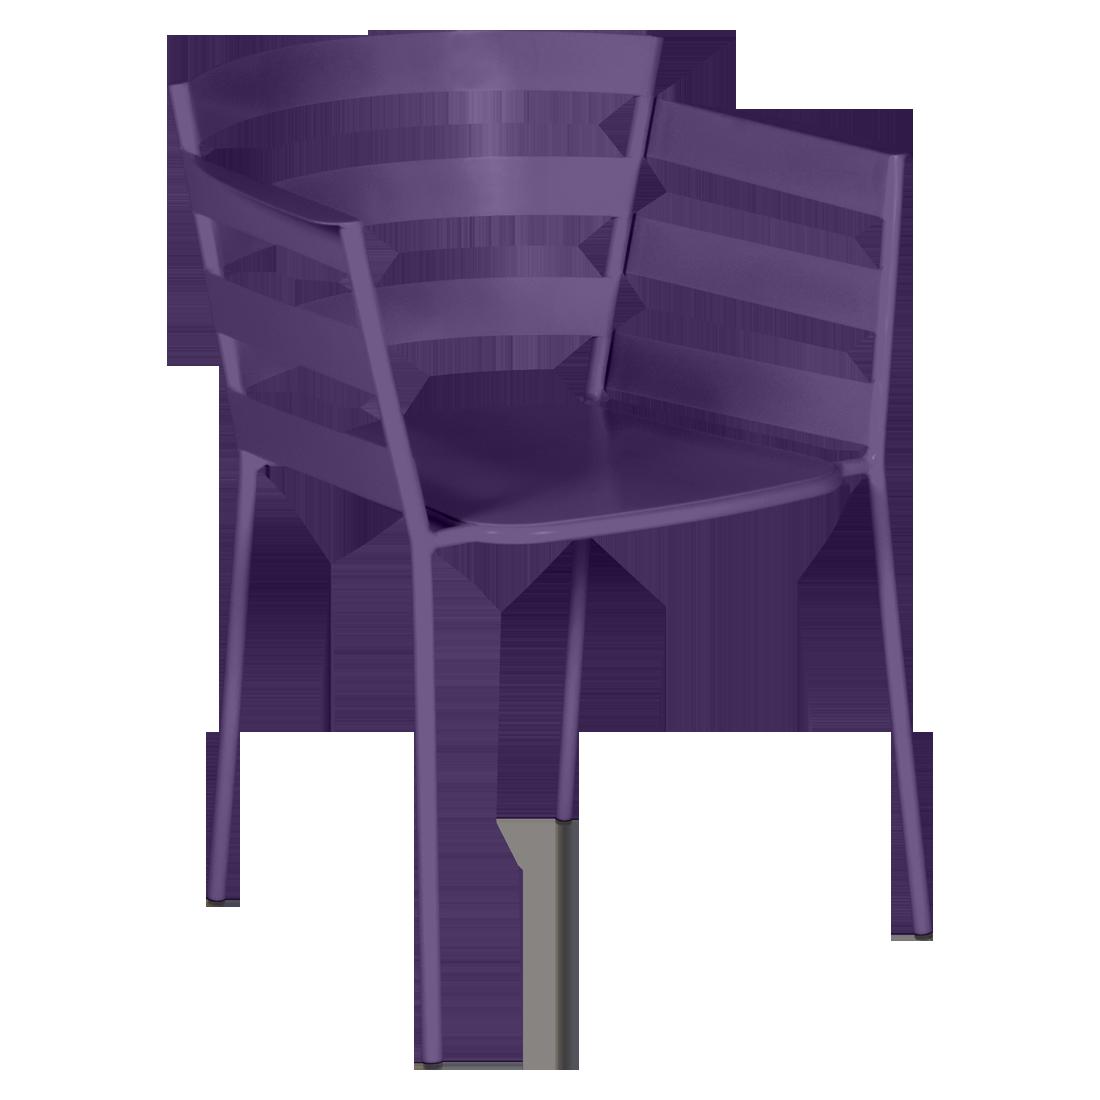 chaise metal design, chaise design, fauteuil de jardin, chaise metal, chaise fermob, fauteuil violet